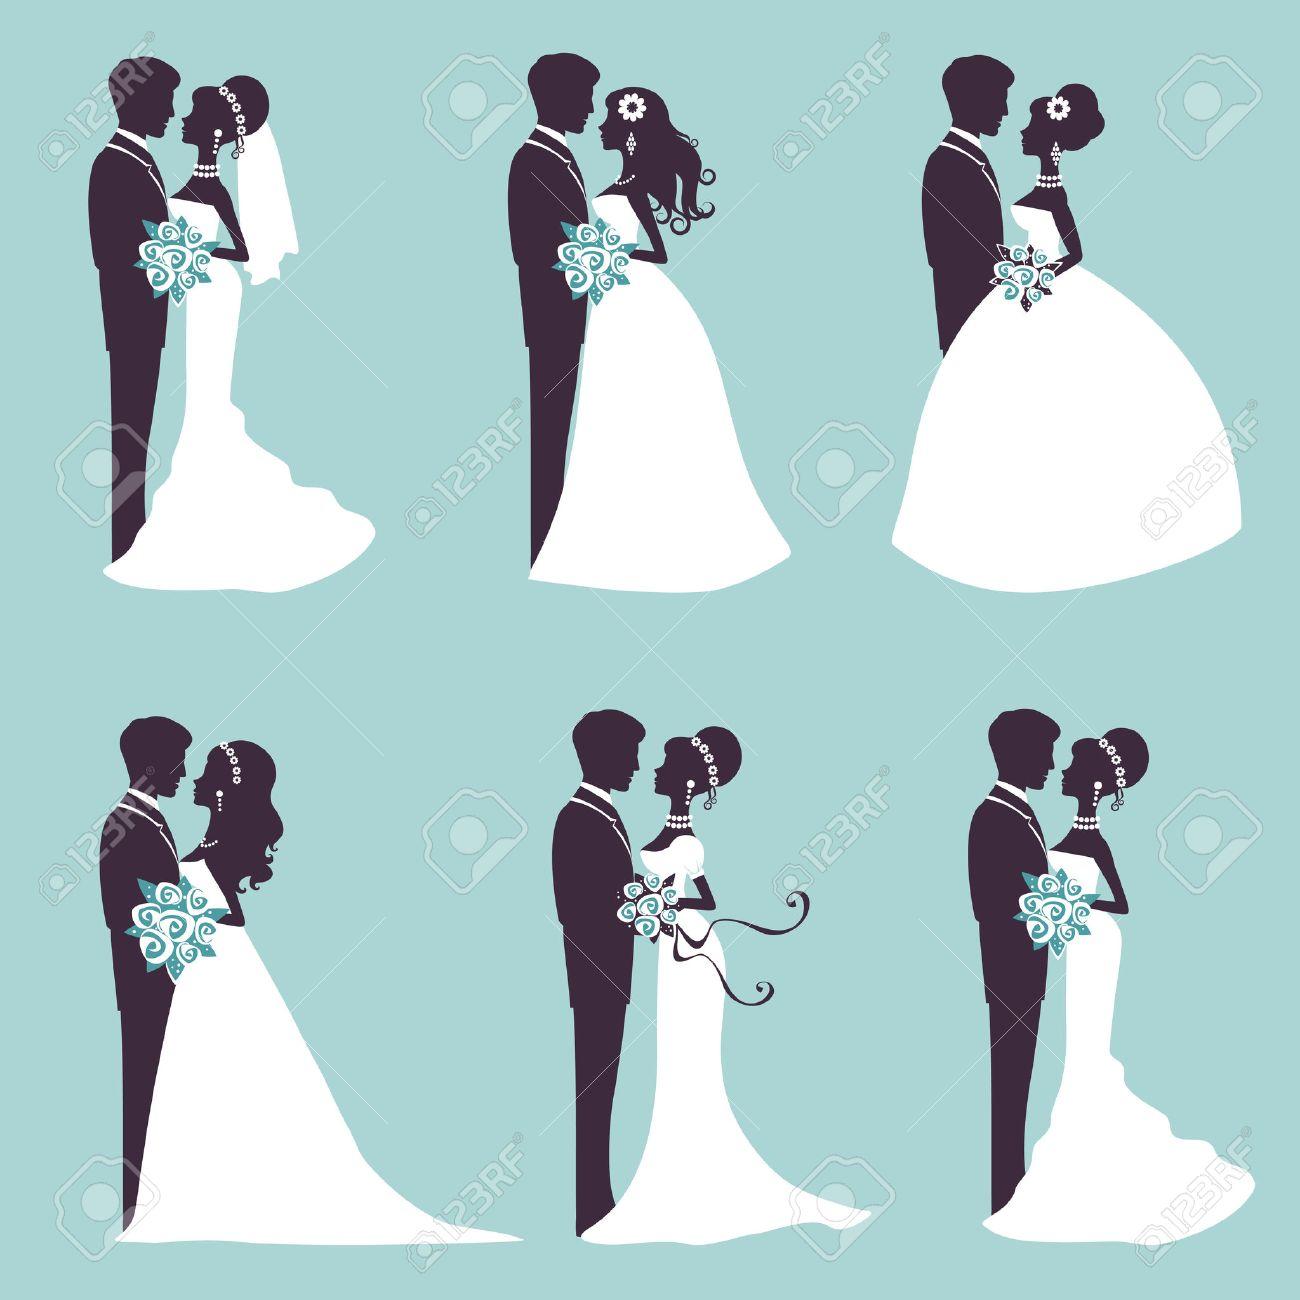 六つの結婚式のカップル シルエット ベクトル形式のイラスト